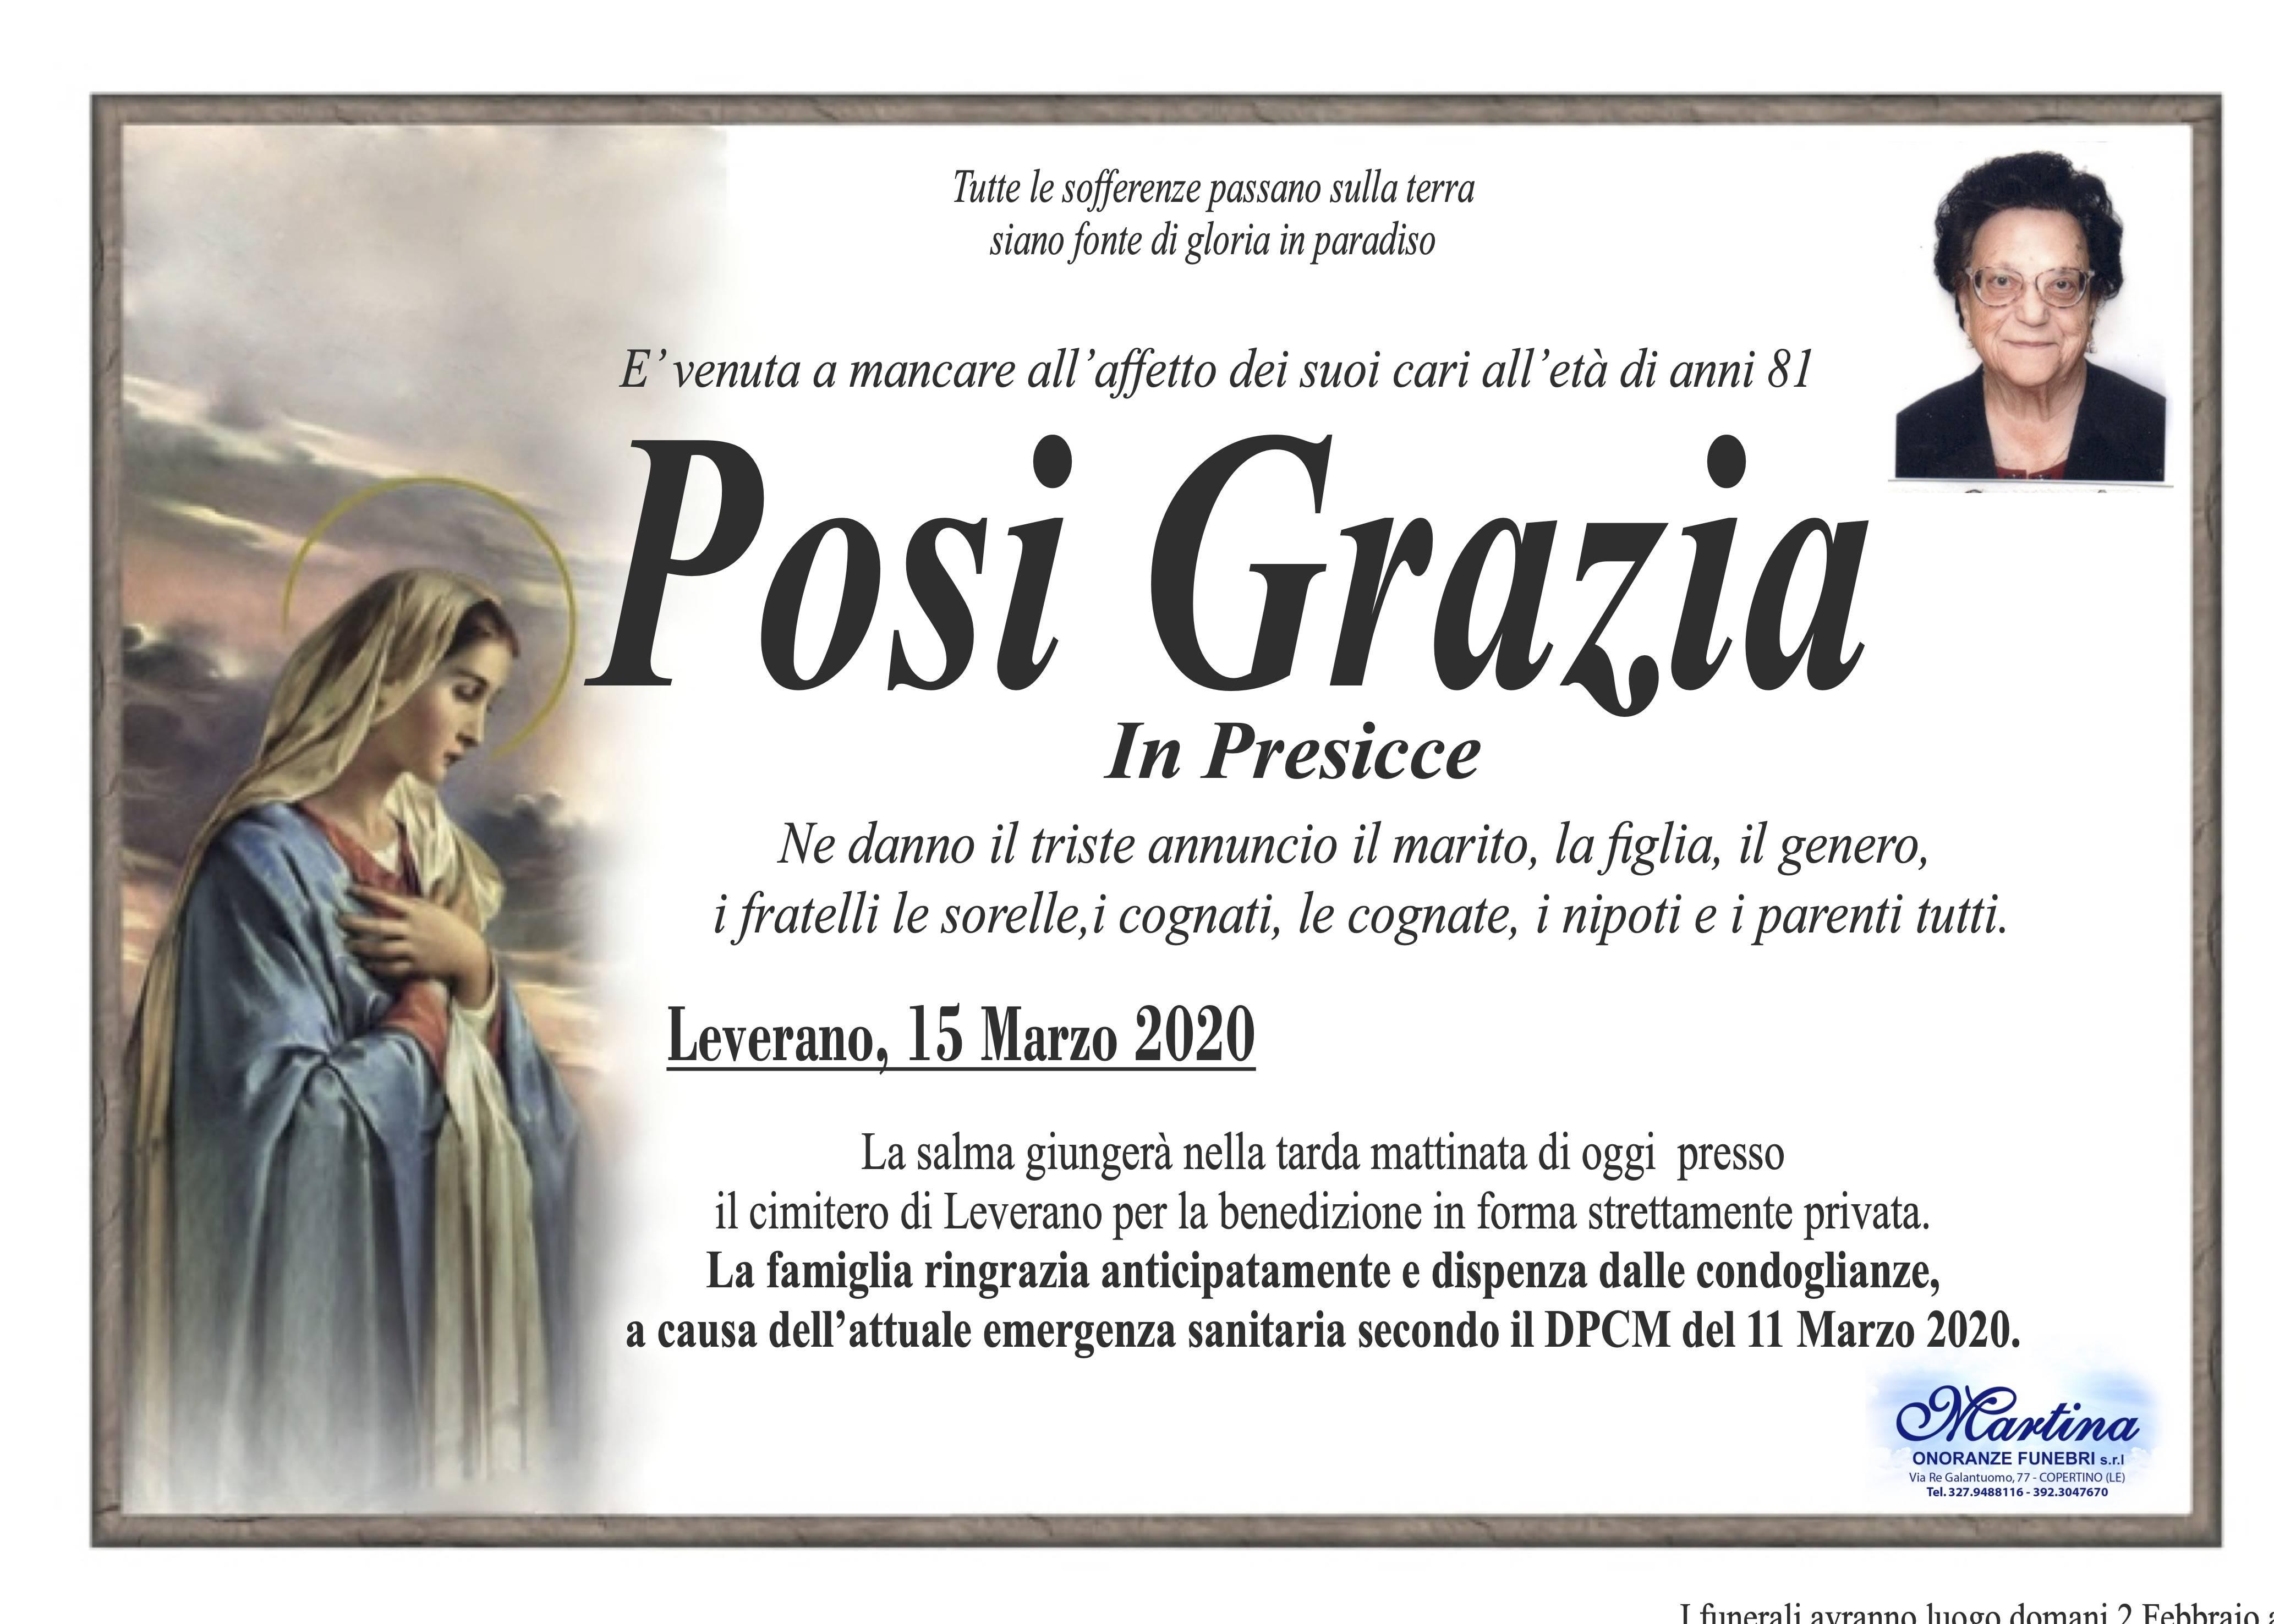 Grazia Posi